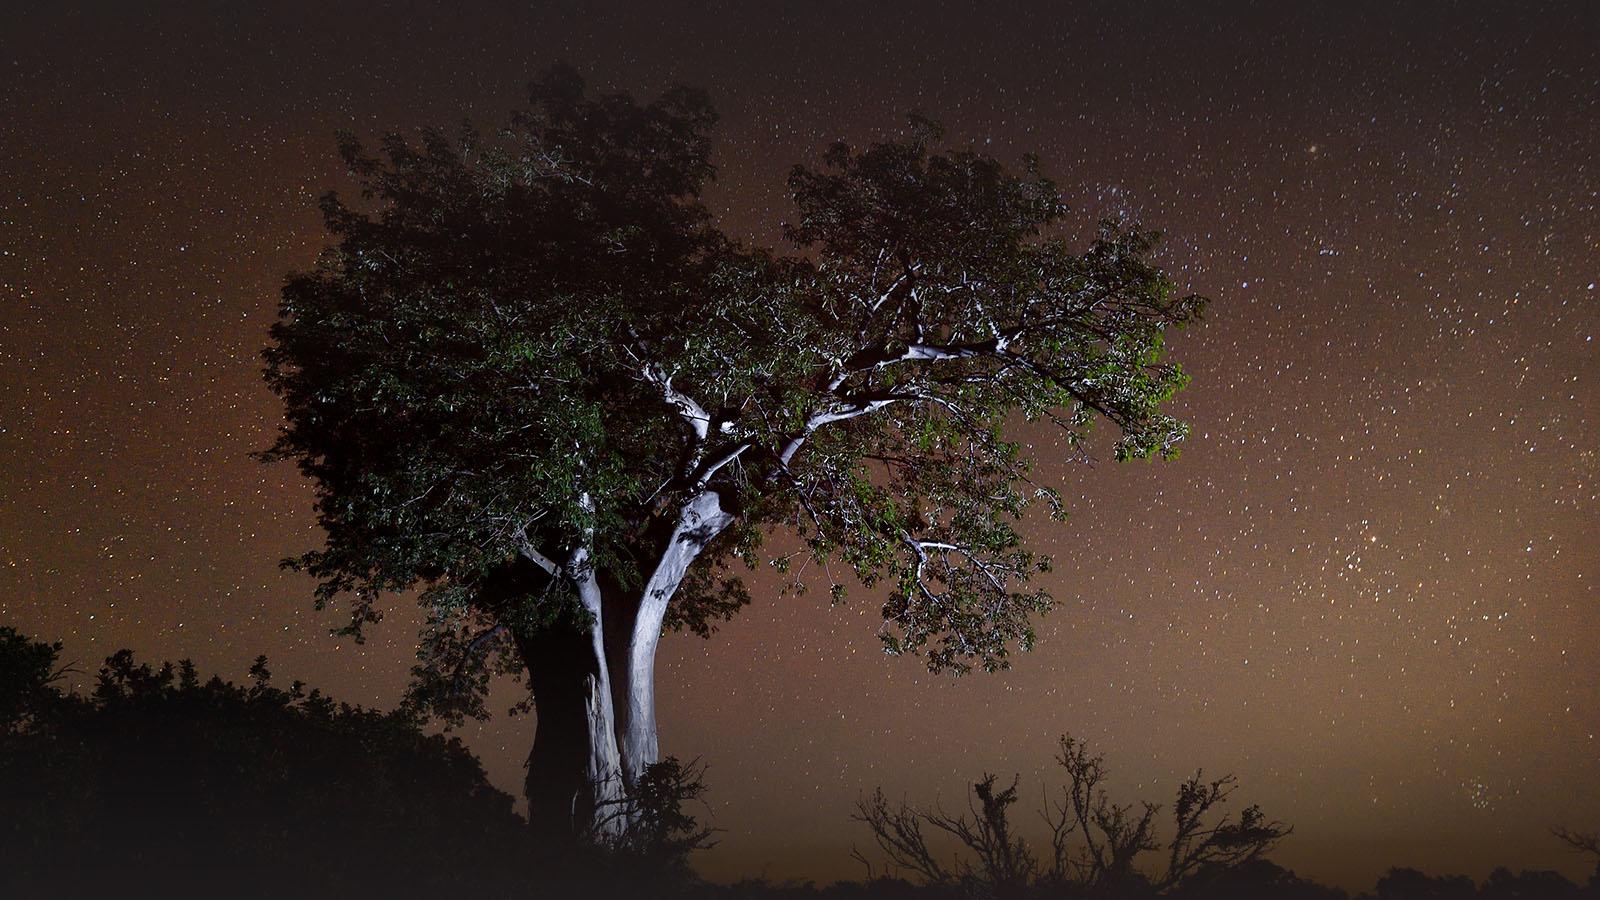 chilo gorge gonarezhou-national-park-zimbabwe-lodges-zambia-in-style-unique-landscape-culturebaobab